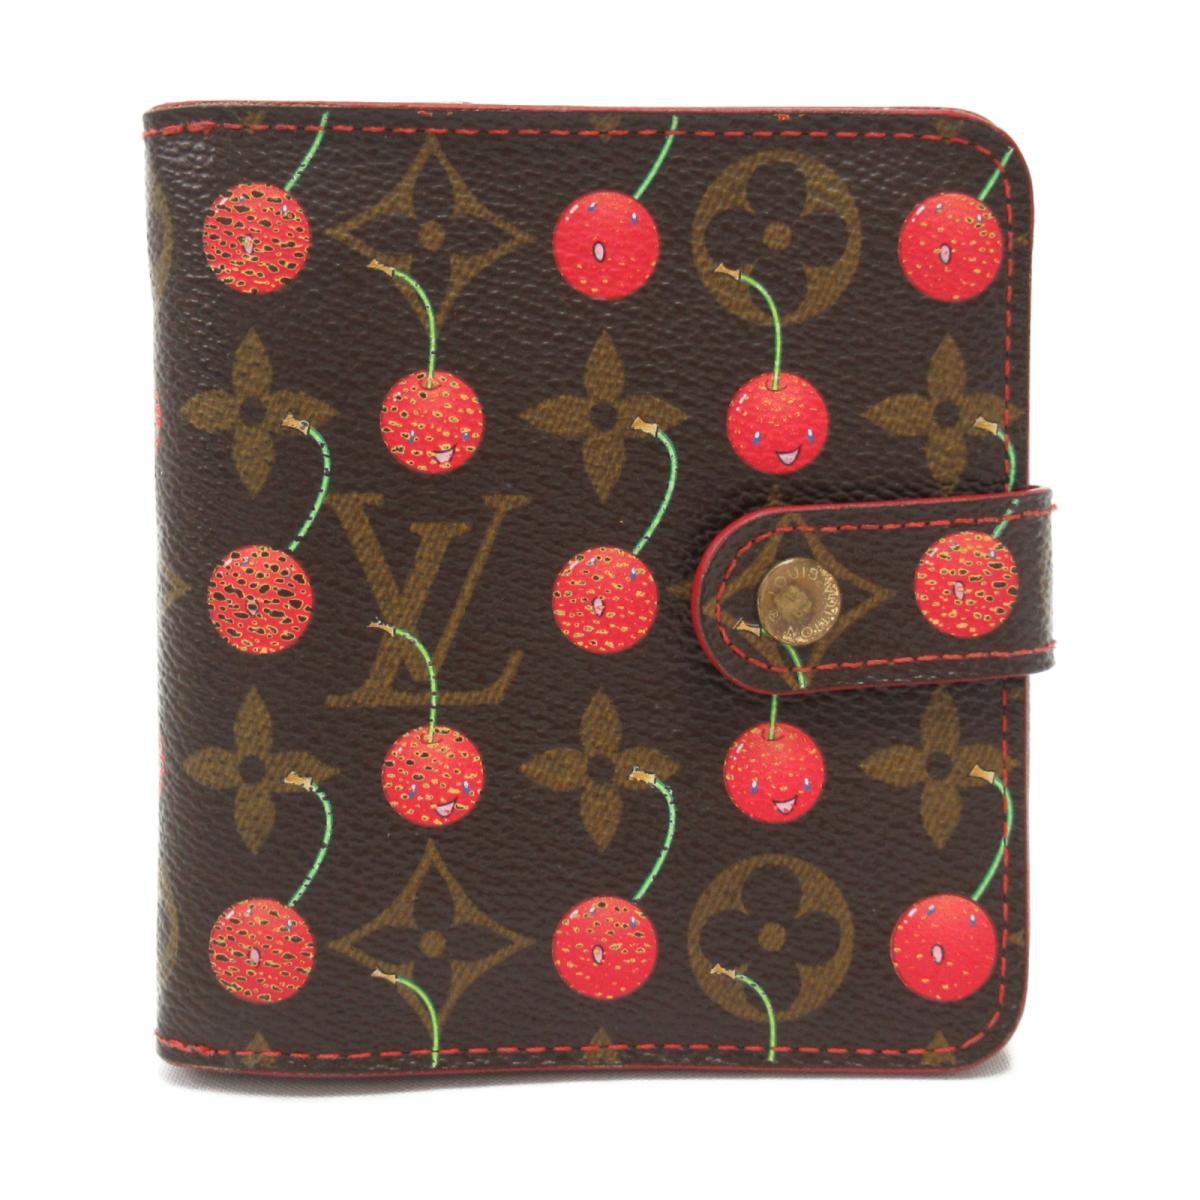 【中古】 ルイヴィトン コンパクト・ジップ 二つ折り財布 レディース モノグラム・チェリー (M95005) | LOUIS VUITTON ヴィトン ビトン ルイ・ヴィトン 財布 コンパクト・ジップ ブランドオフ